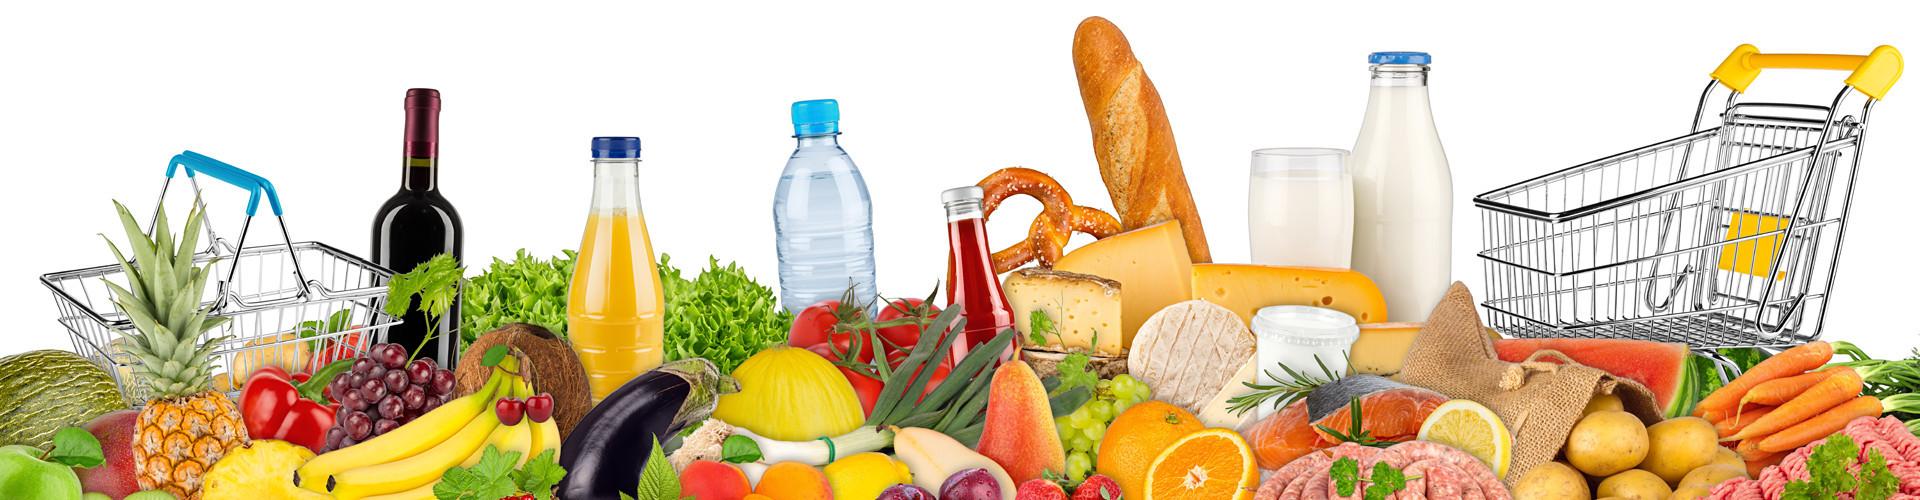 Viele unterschiedliche Nahrungsmittel und Getränke vor weißem Hintergrund, flankiert von einem Einkaufswagerl und einem Einkaufskorb © stockphoto-graf, stock.adobe.com